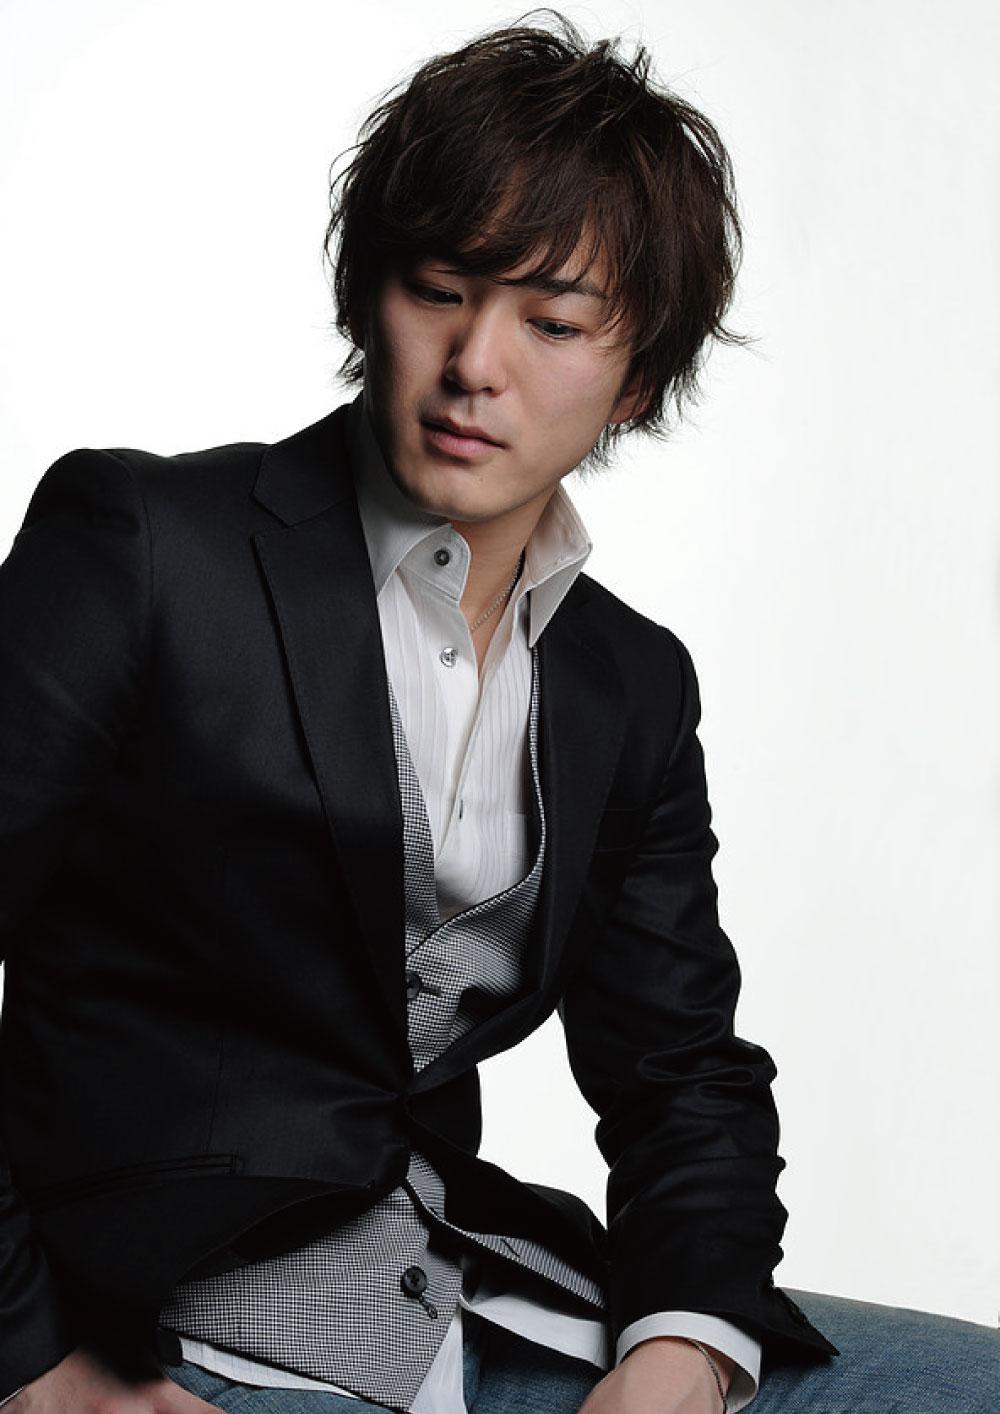 2016年5月31日(火) クローズド(非公開)神奈川フィルハーモニー管弦楽団